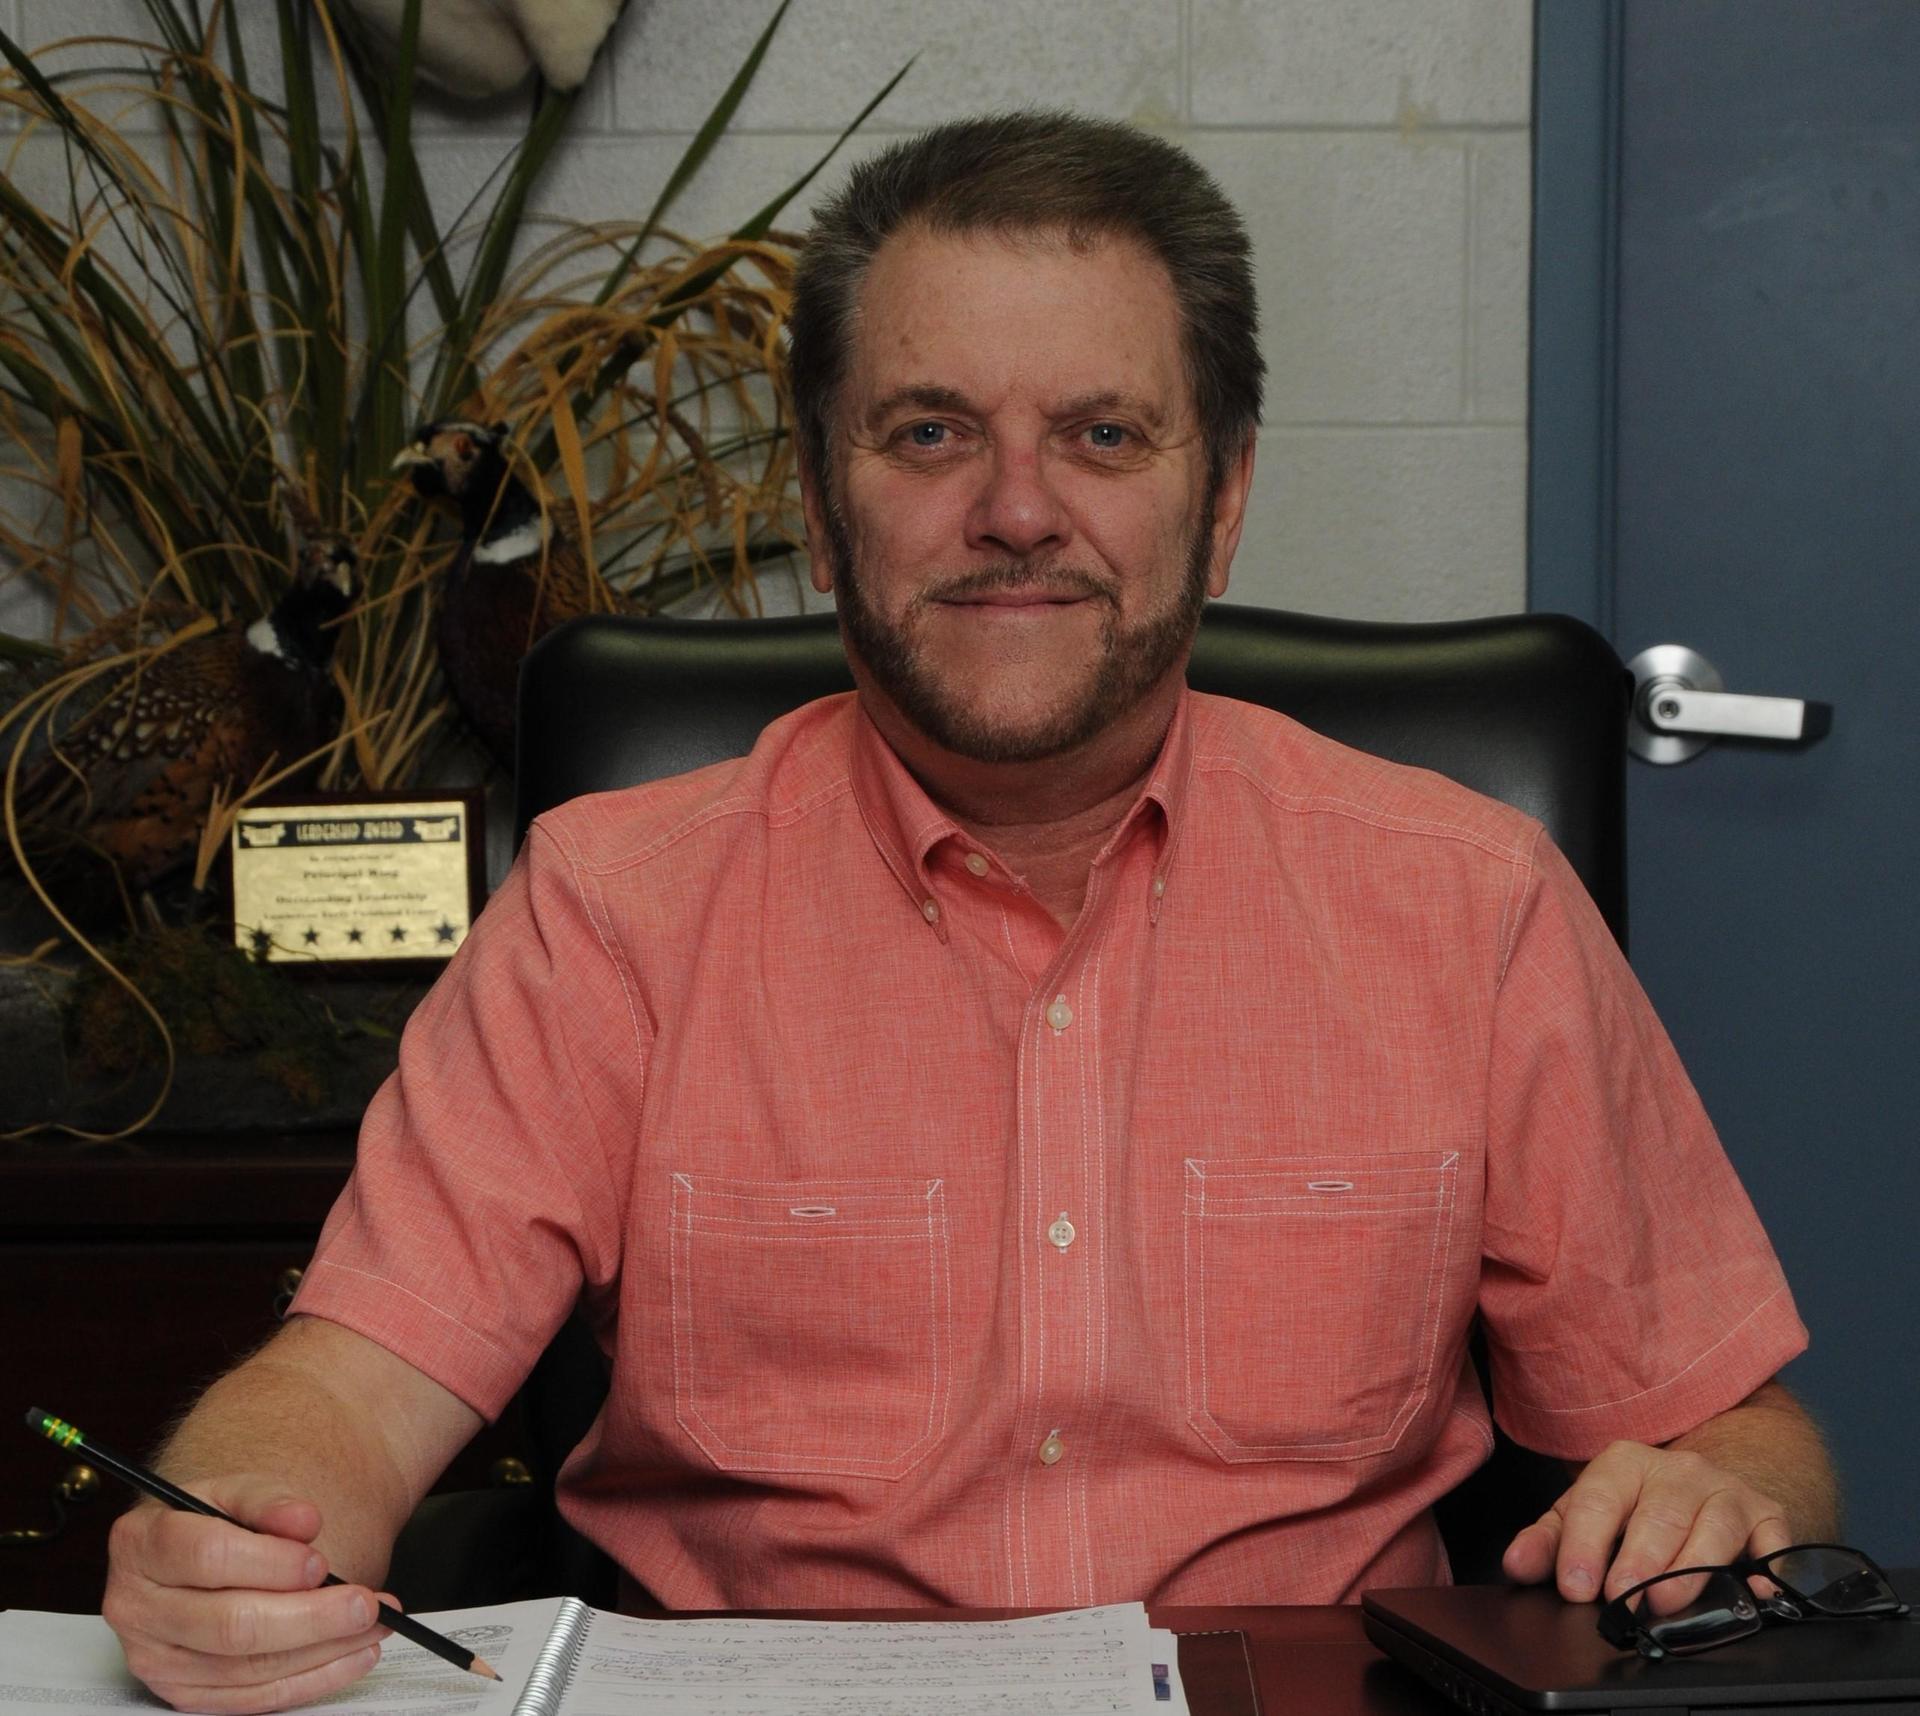 Principal Kevin Wing